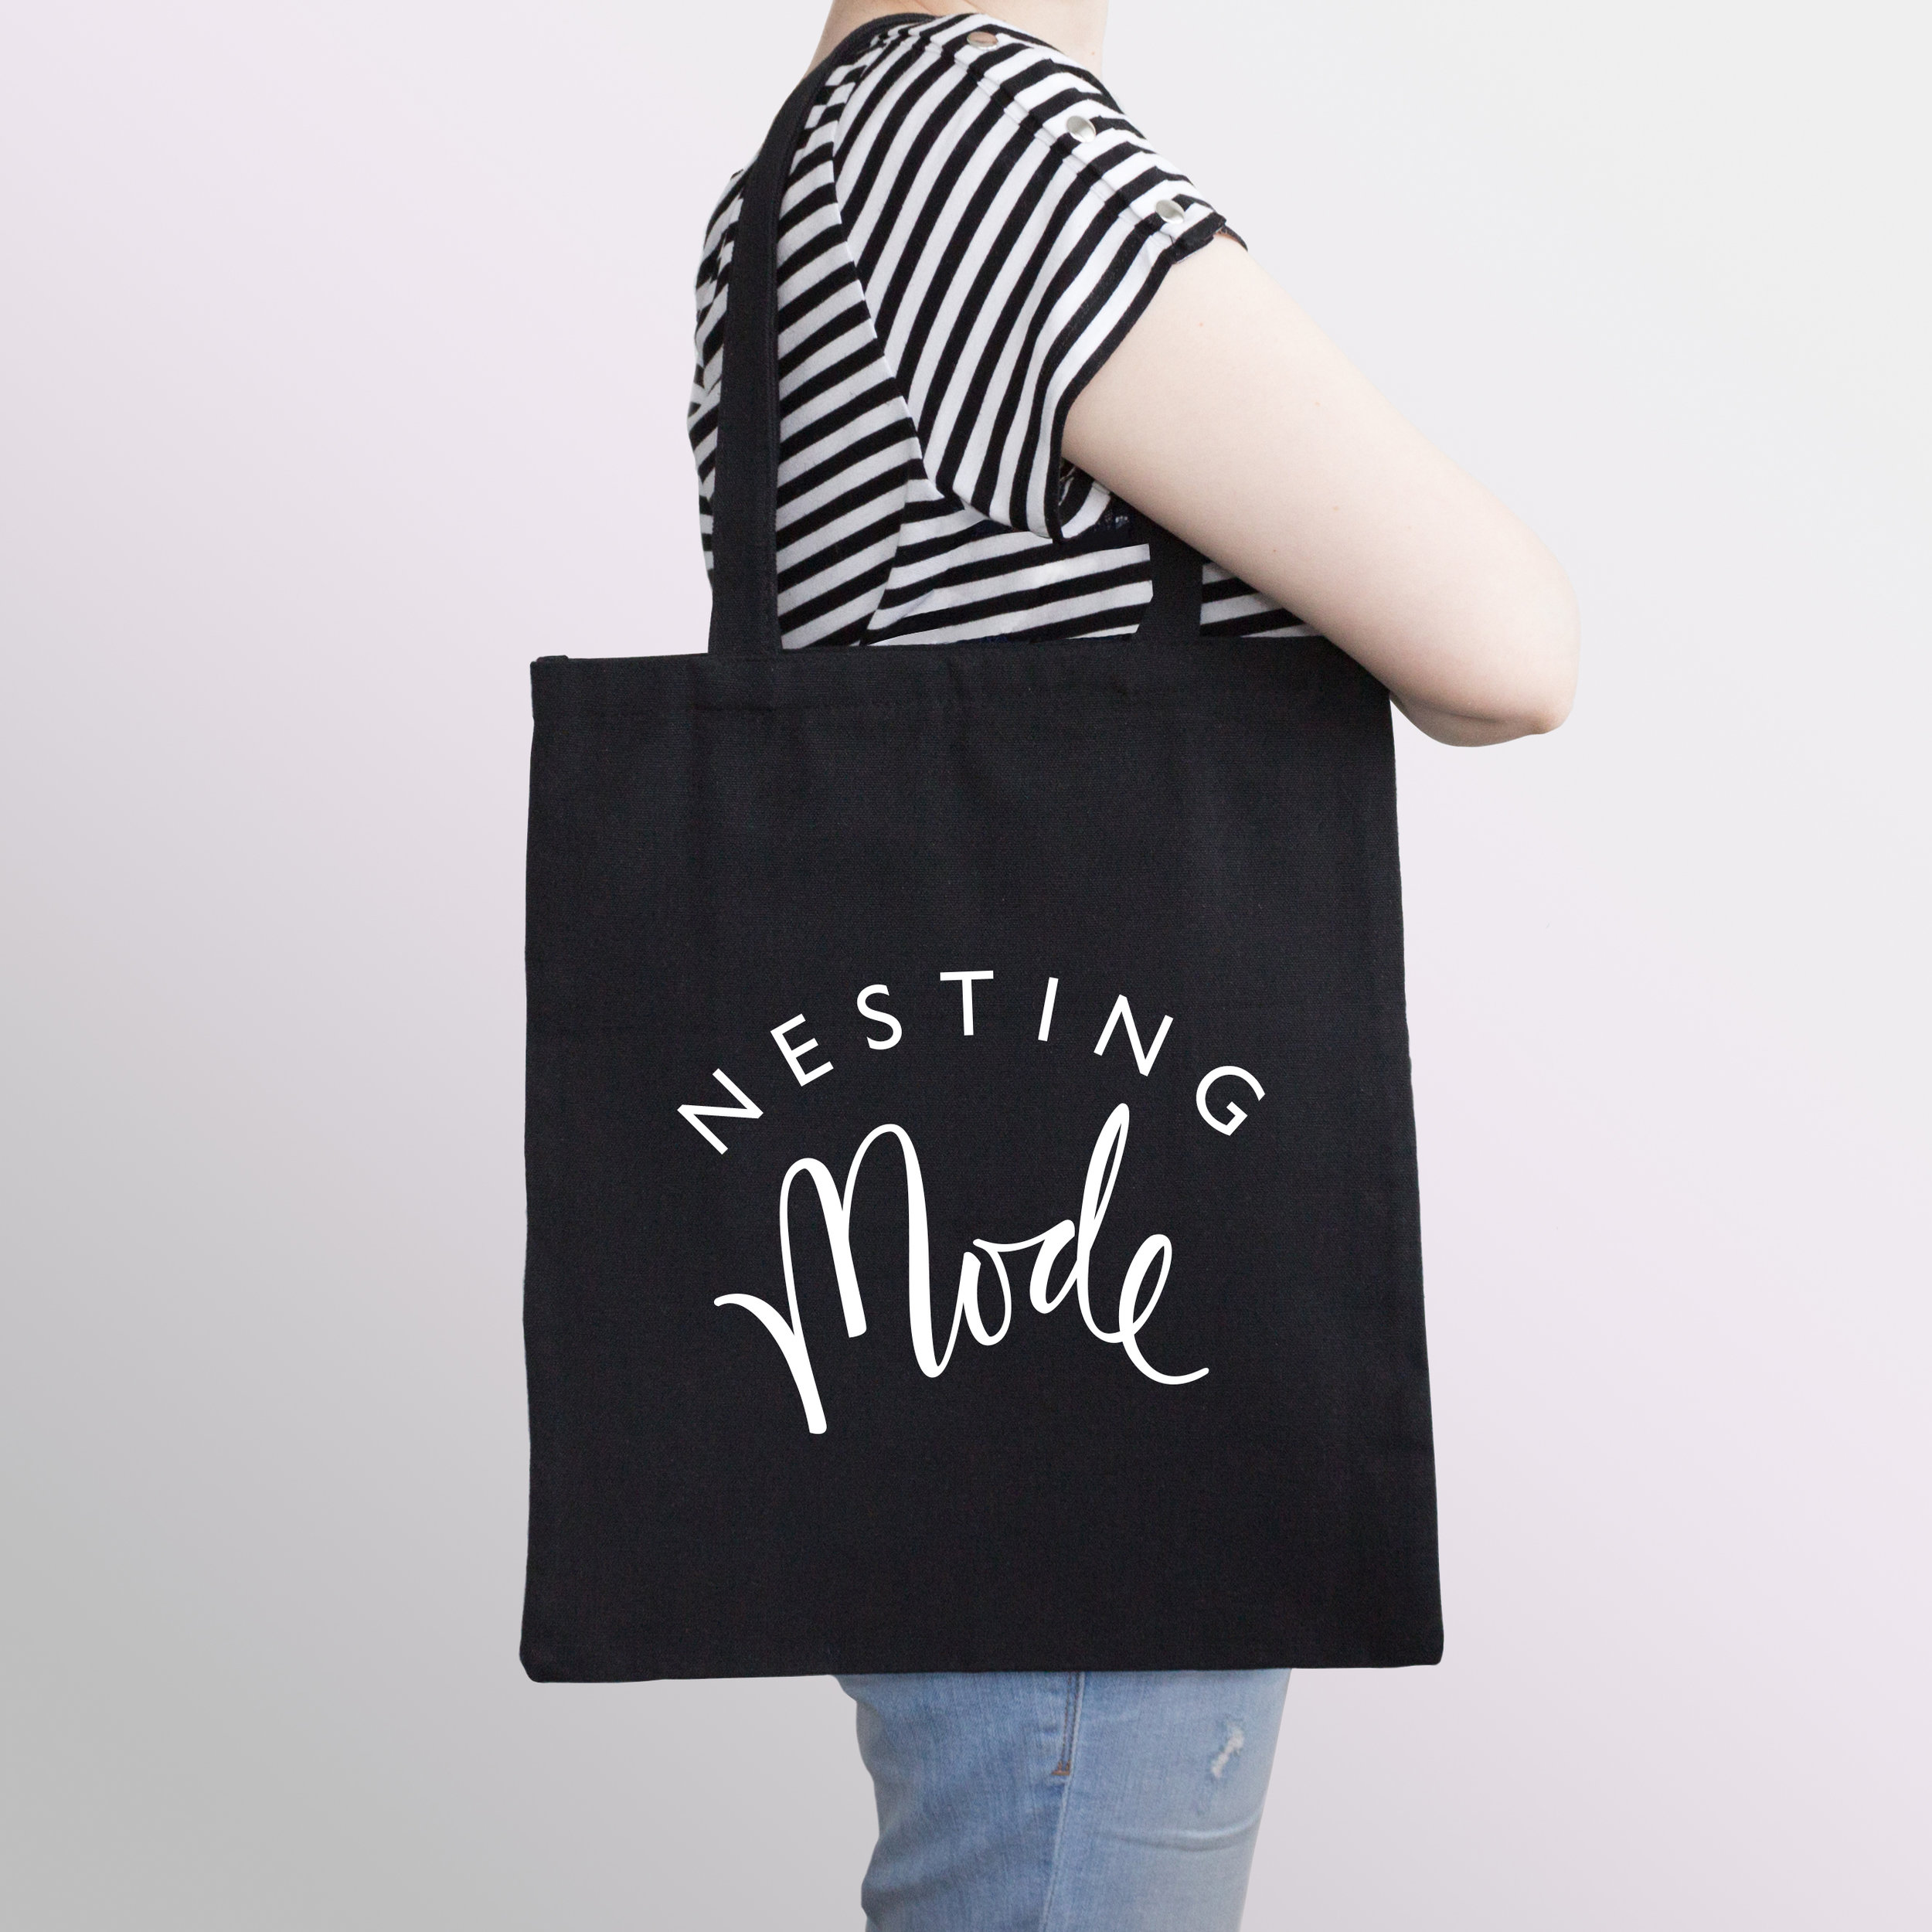 nesting-mode-bag.jpg